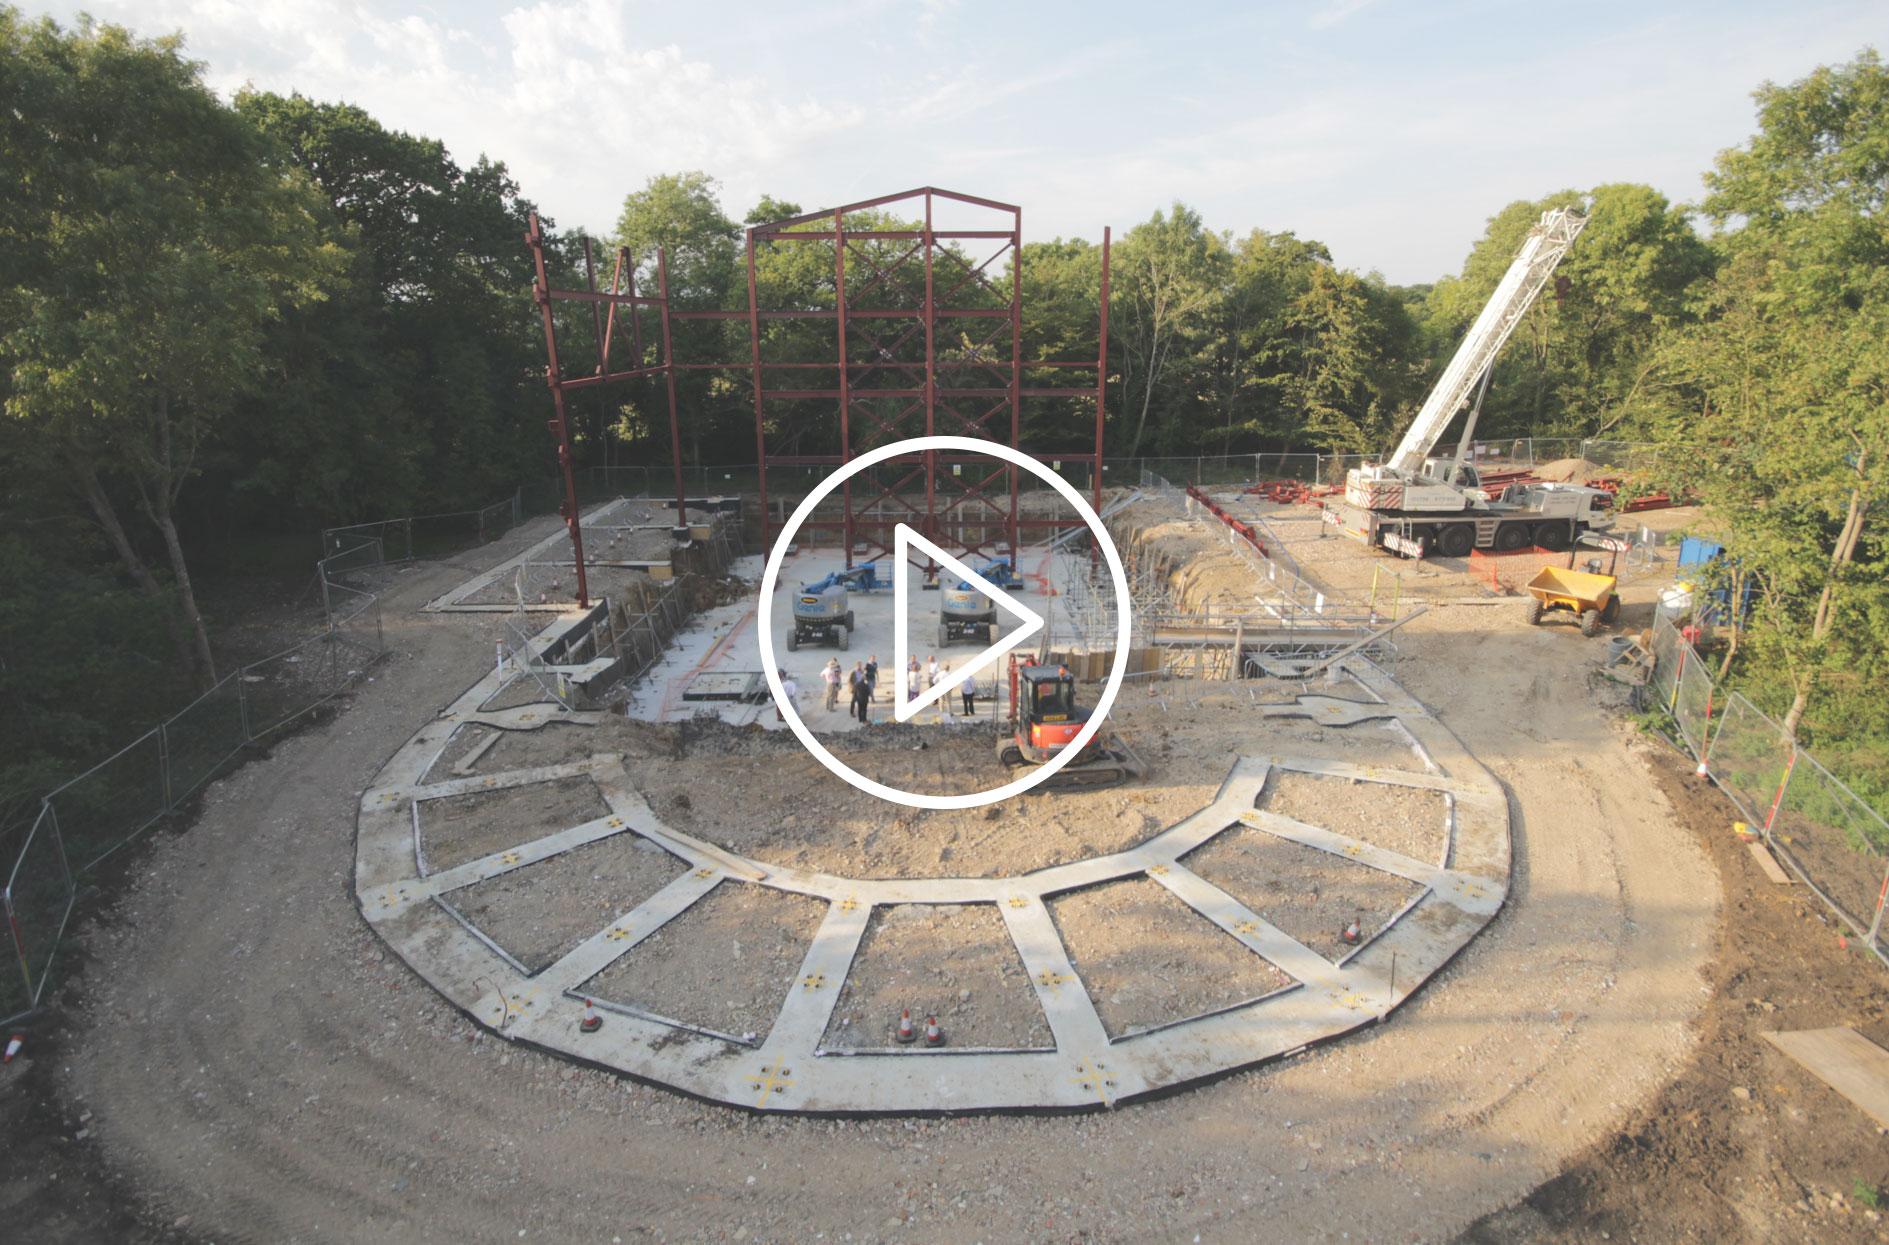 Grange Park Opera Timelapse video